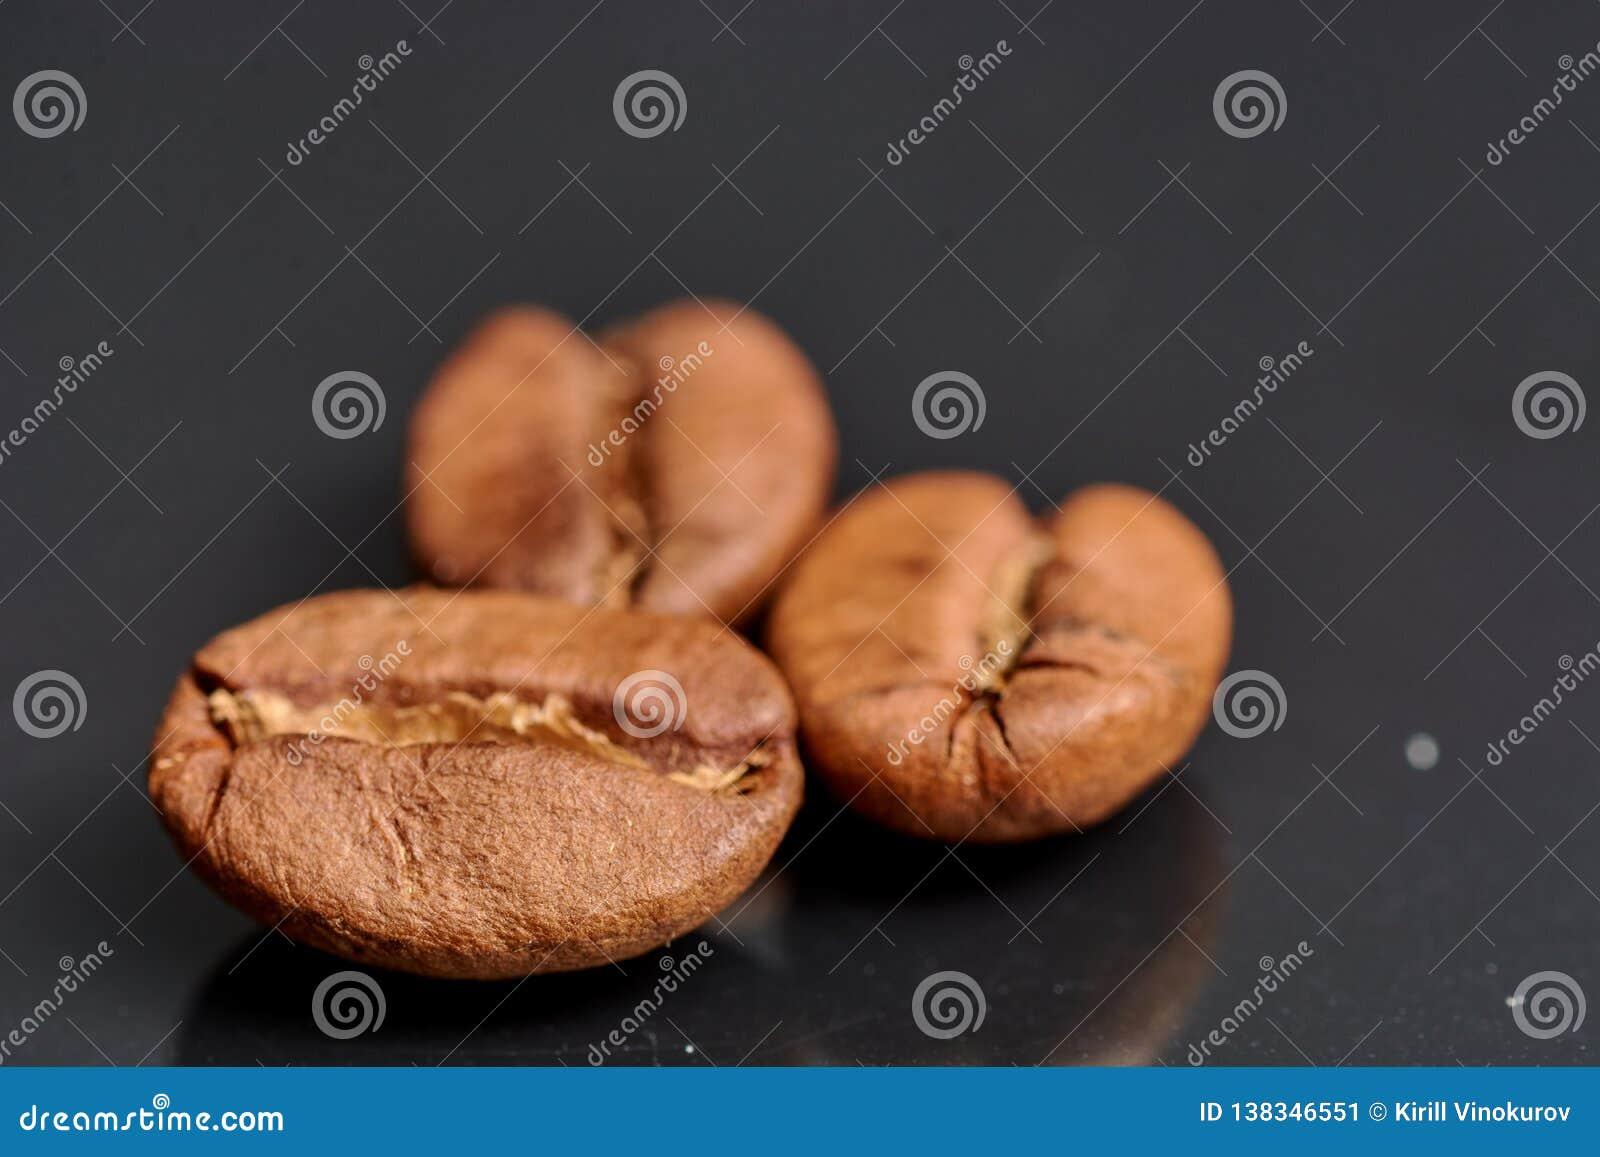 Feijões de café no fundo preto consistente com